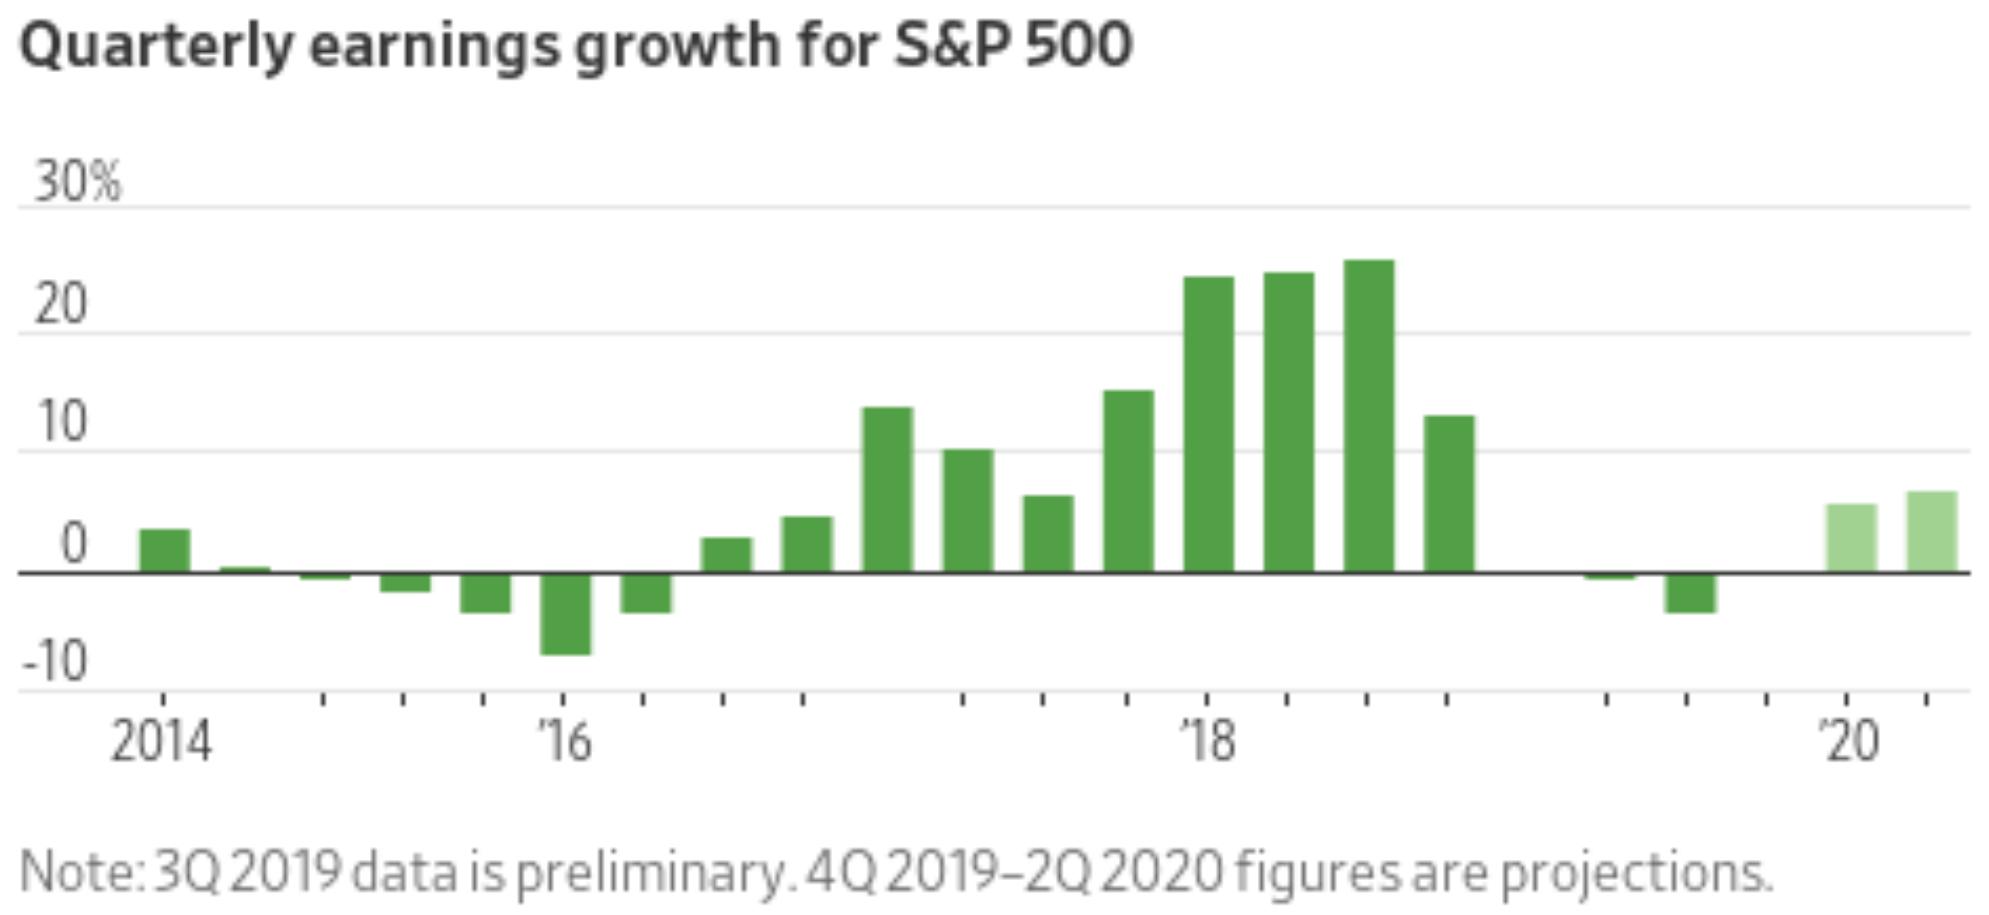 S&p 500 earnings Q3